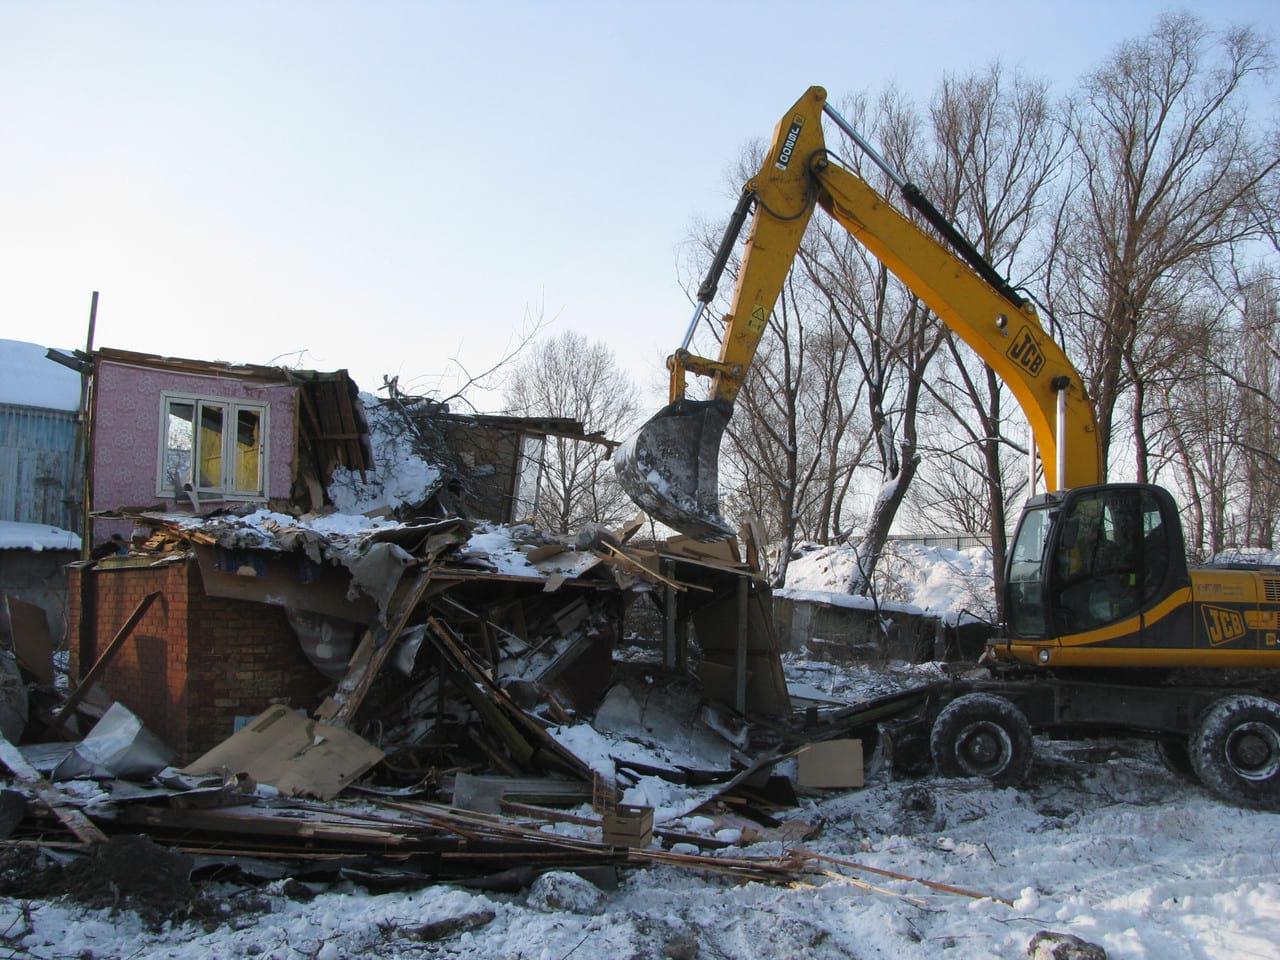 Изображение - Какую квартиру дадут при сносе дома, если квартира приватизирована wsi-imageoptim-177721913_w640_h640_img_6947